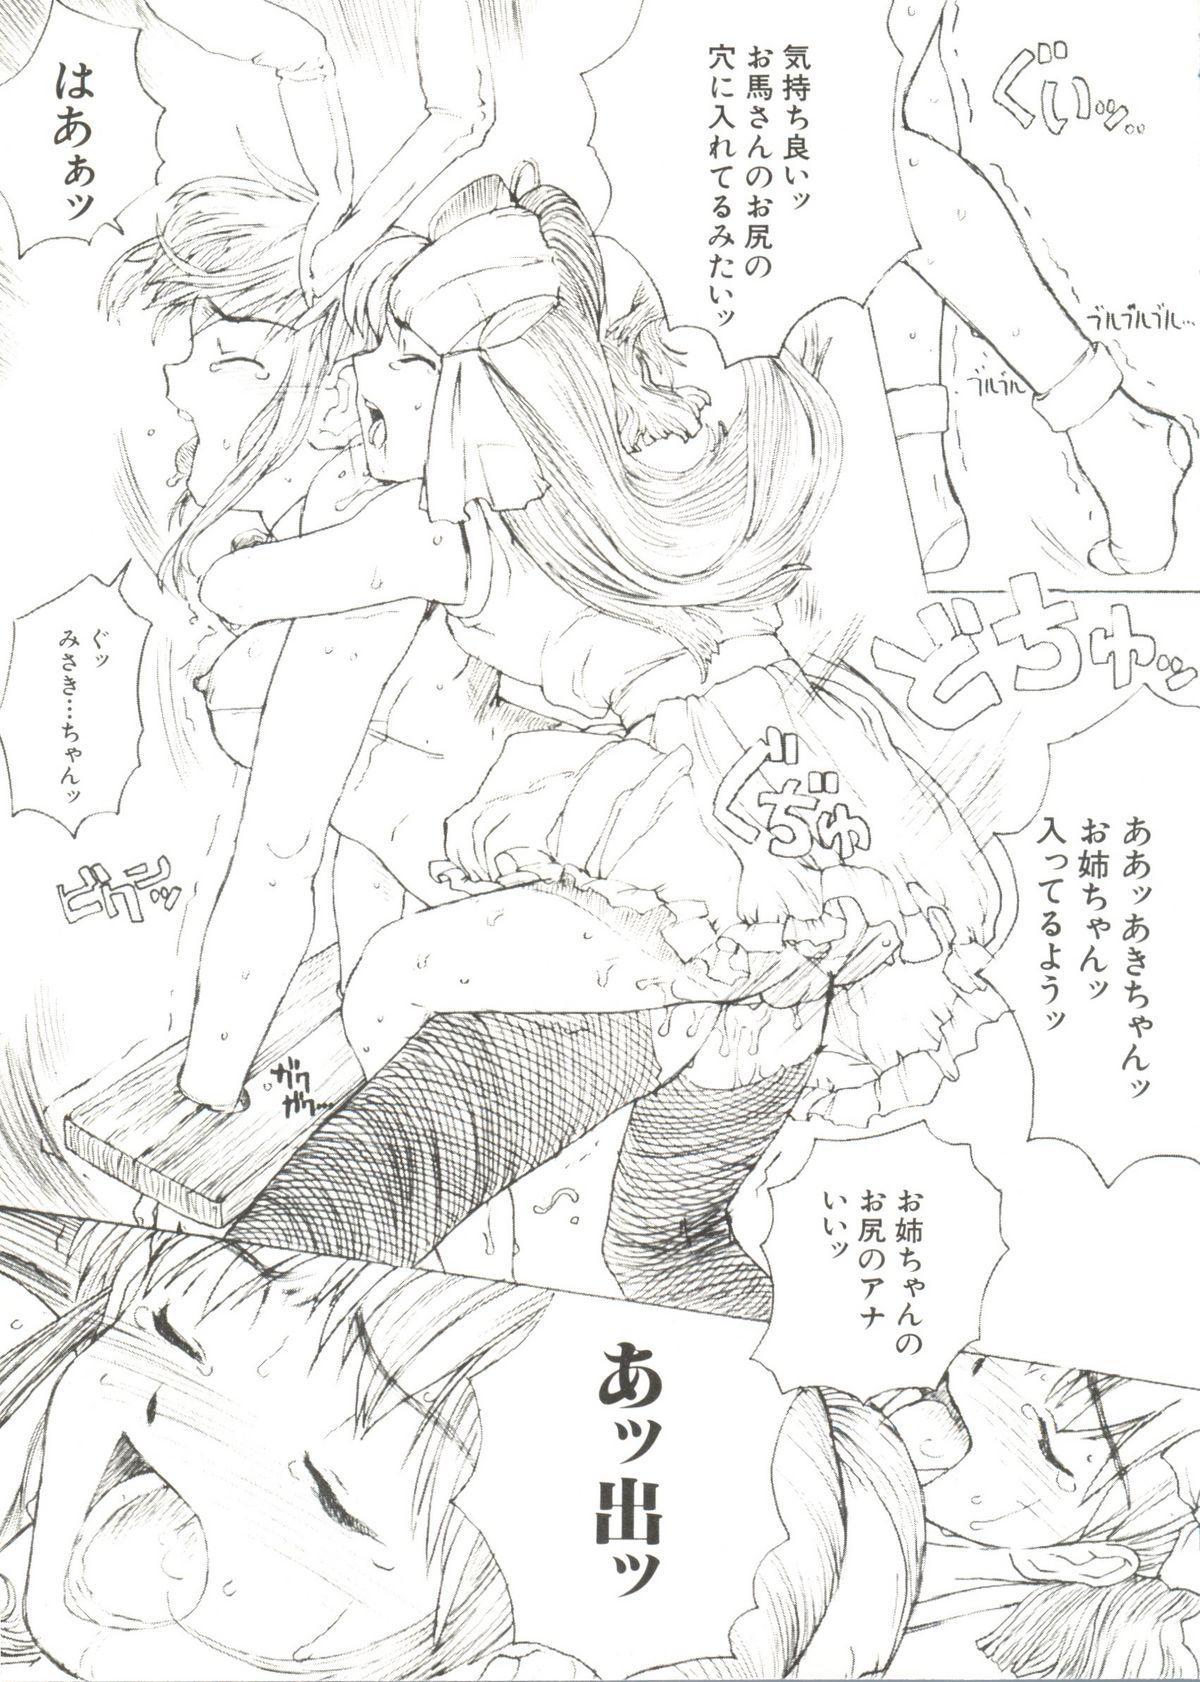 Denei Tamate Bako Bishoujo Doujinshi Anthology Vol. 2 - Nishinhou no Tenshi 136